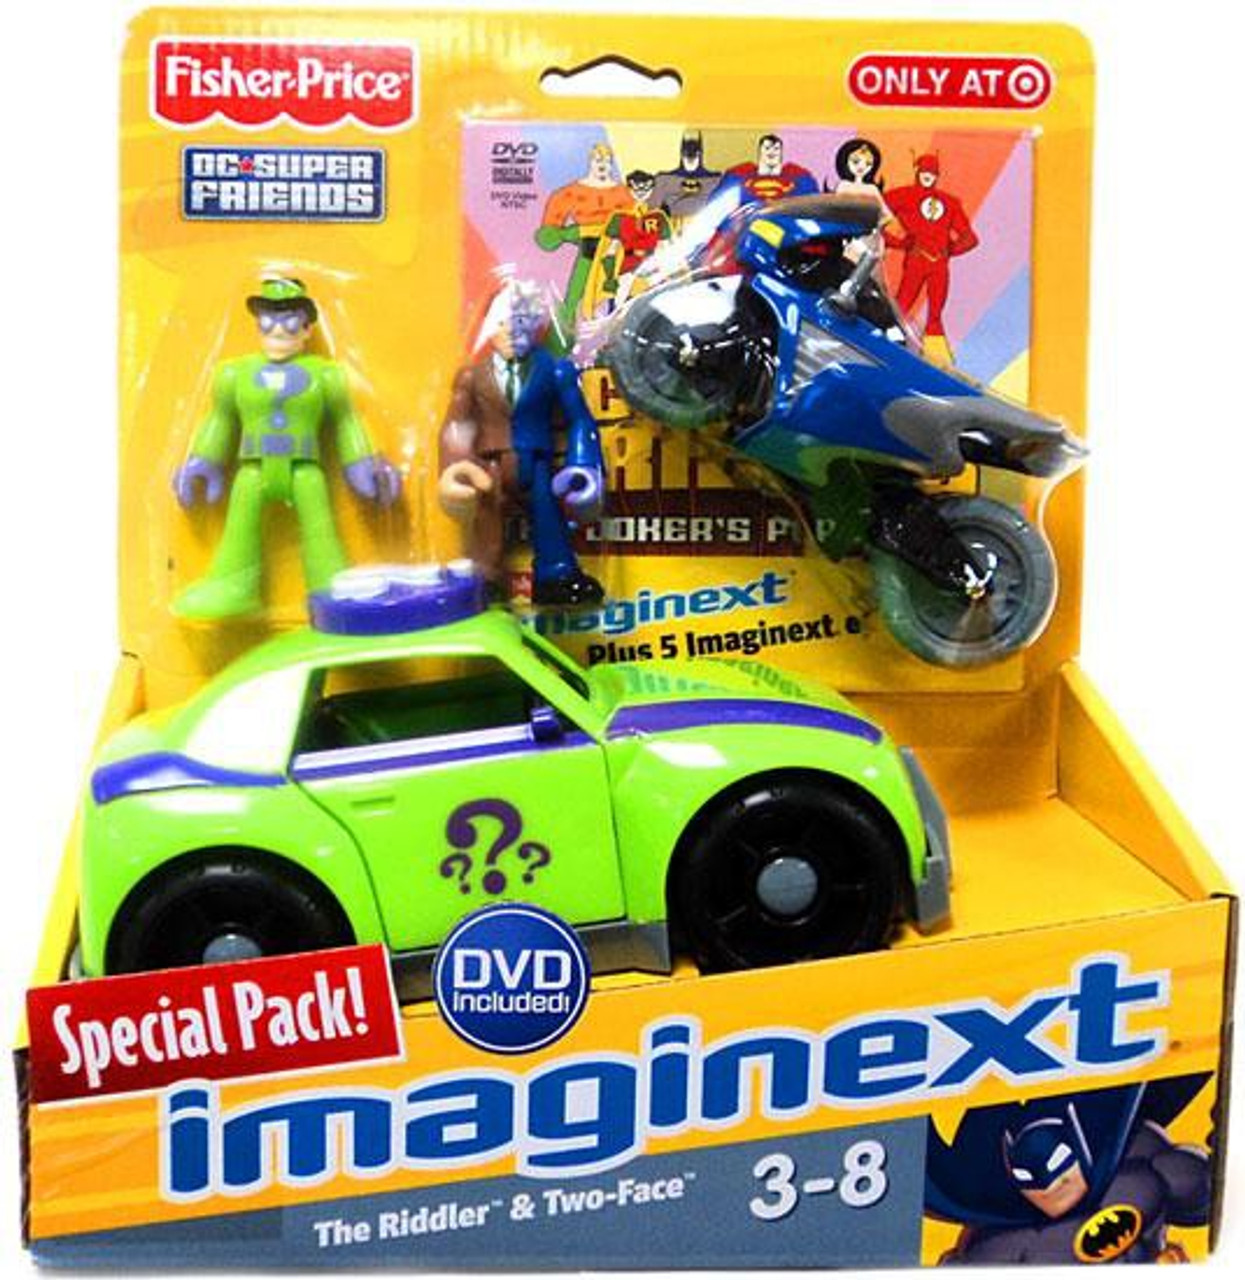 DC Super Friends Imaginext The Riddler Hot Rod Figure Set ... |Imaginext Riddler